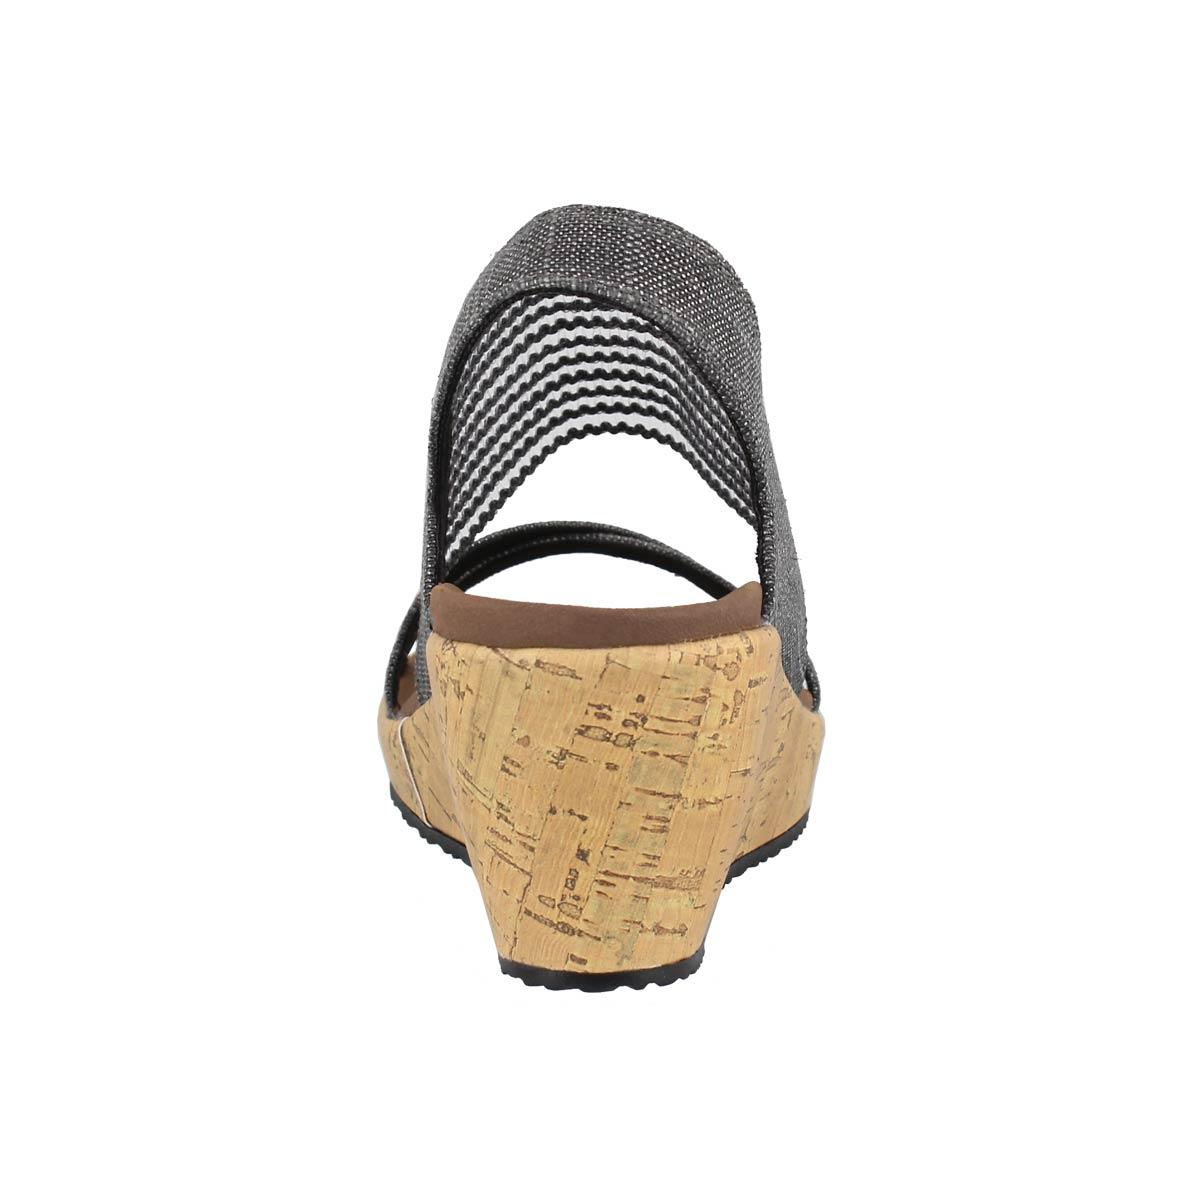 Sandales BEVERLEE HIGH TEA, noir, femmes